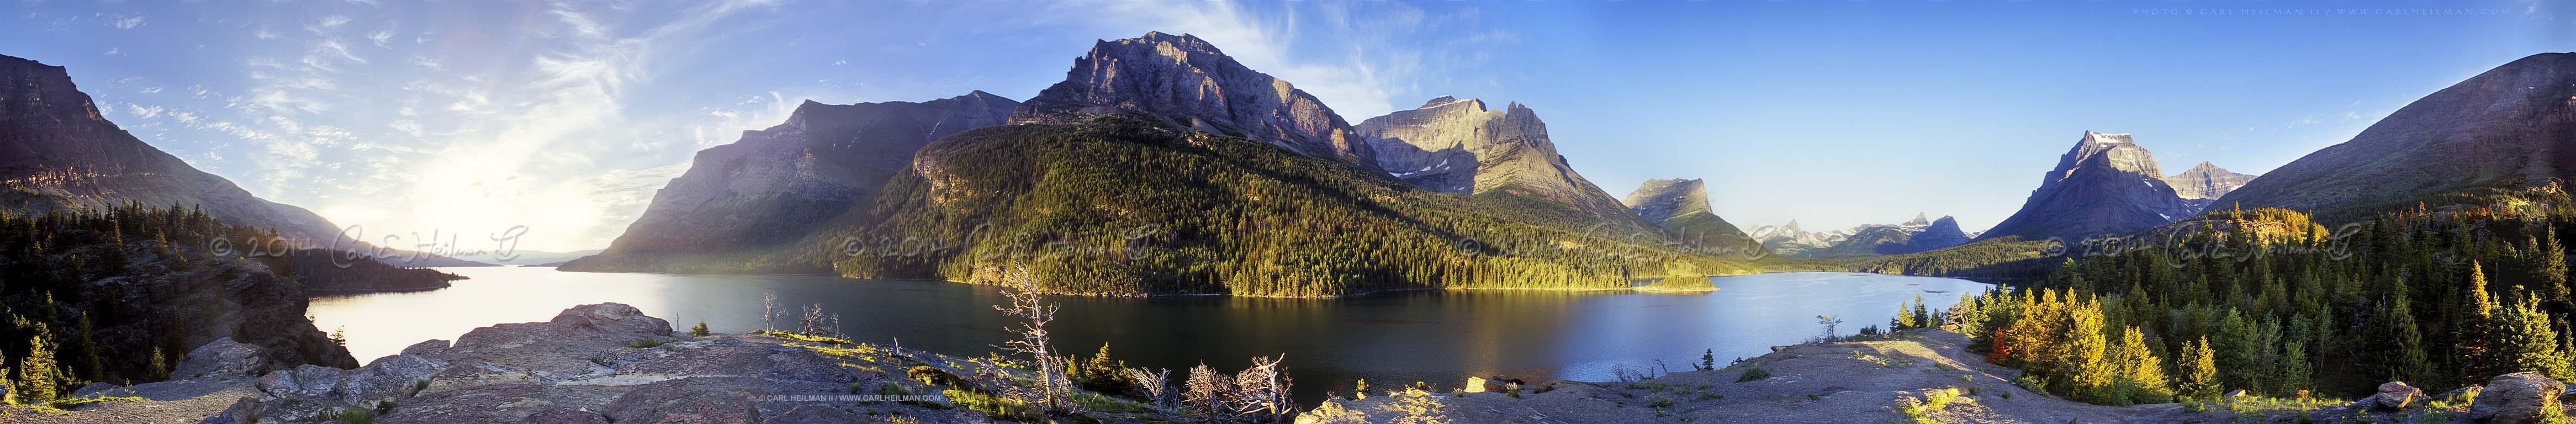 Resultado de imagem para Glacier National Park panorama